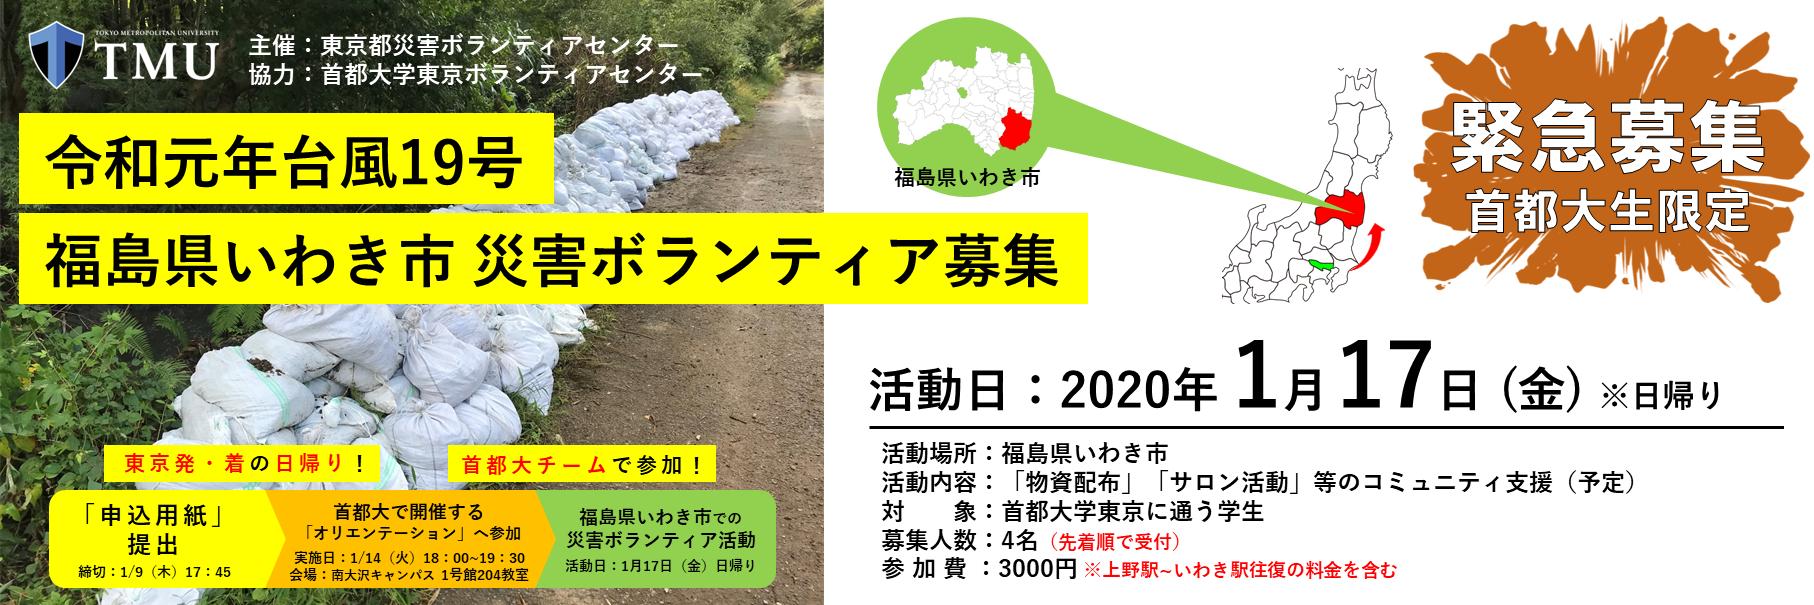 市 いわき 福島 県